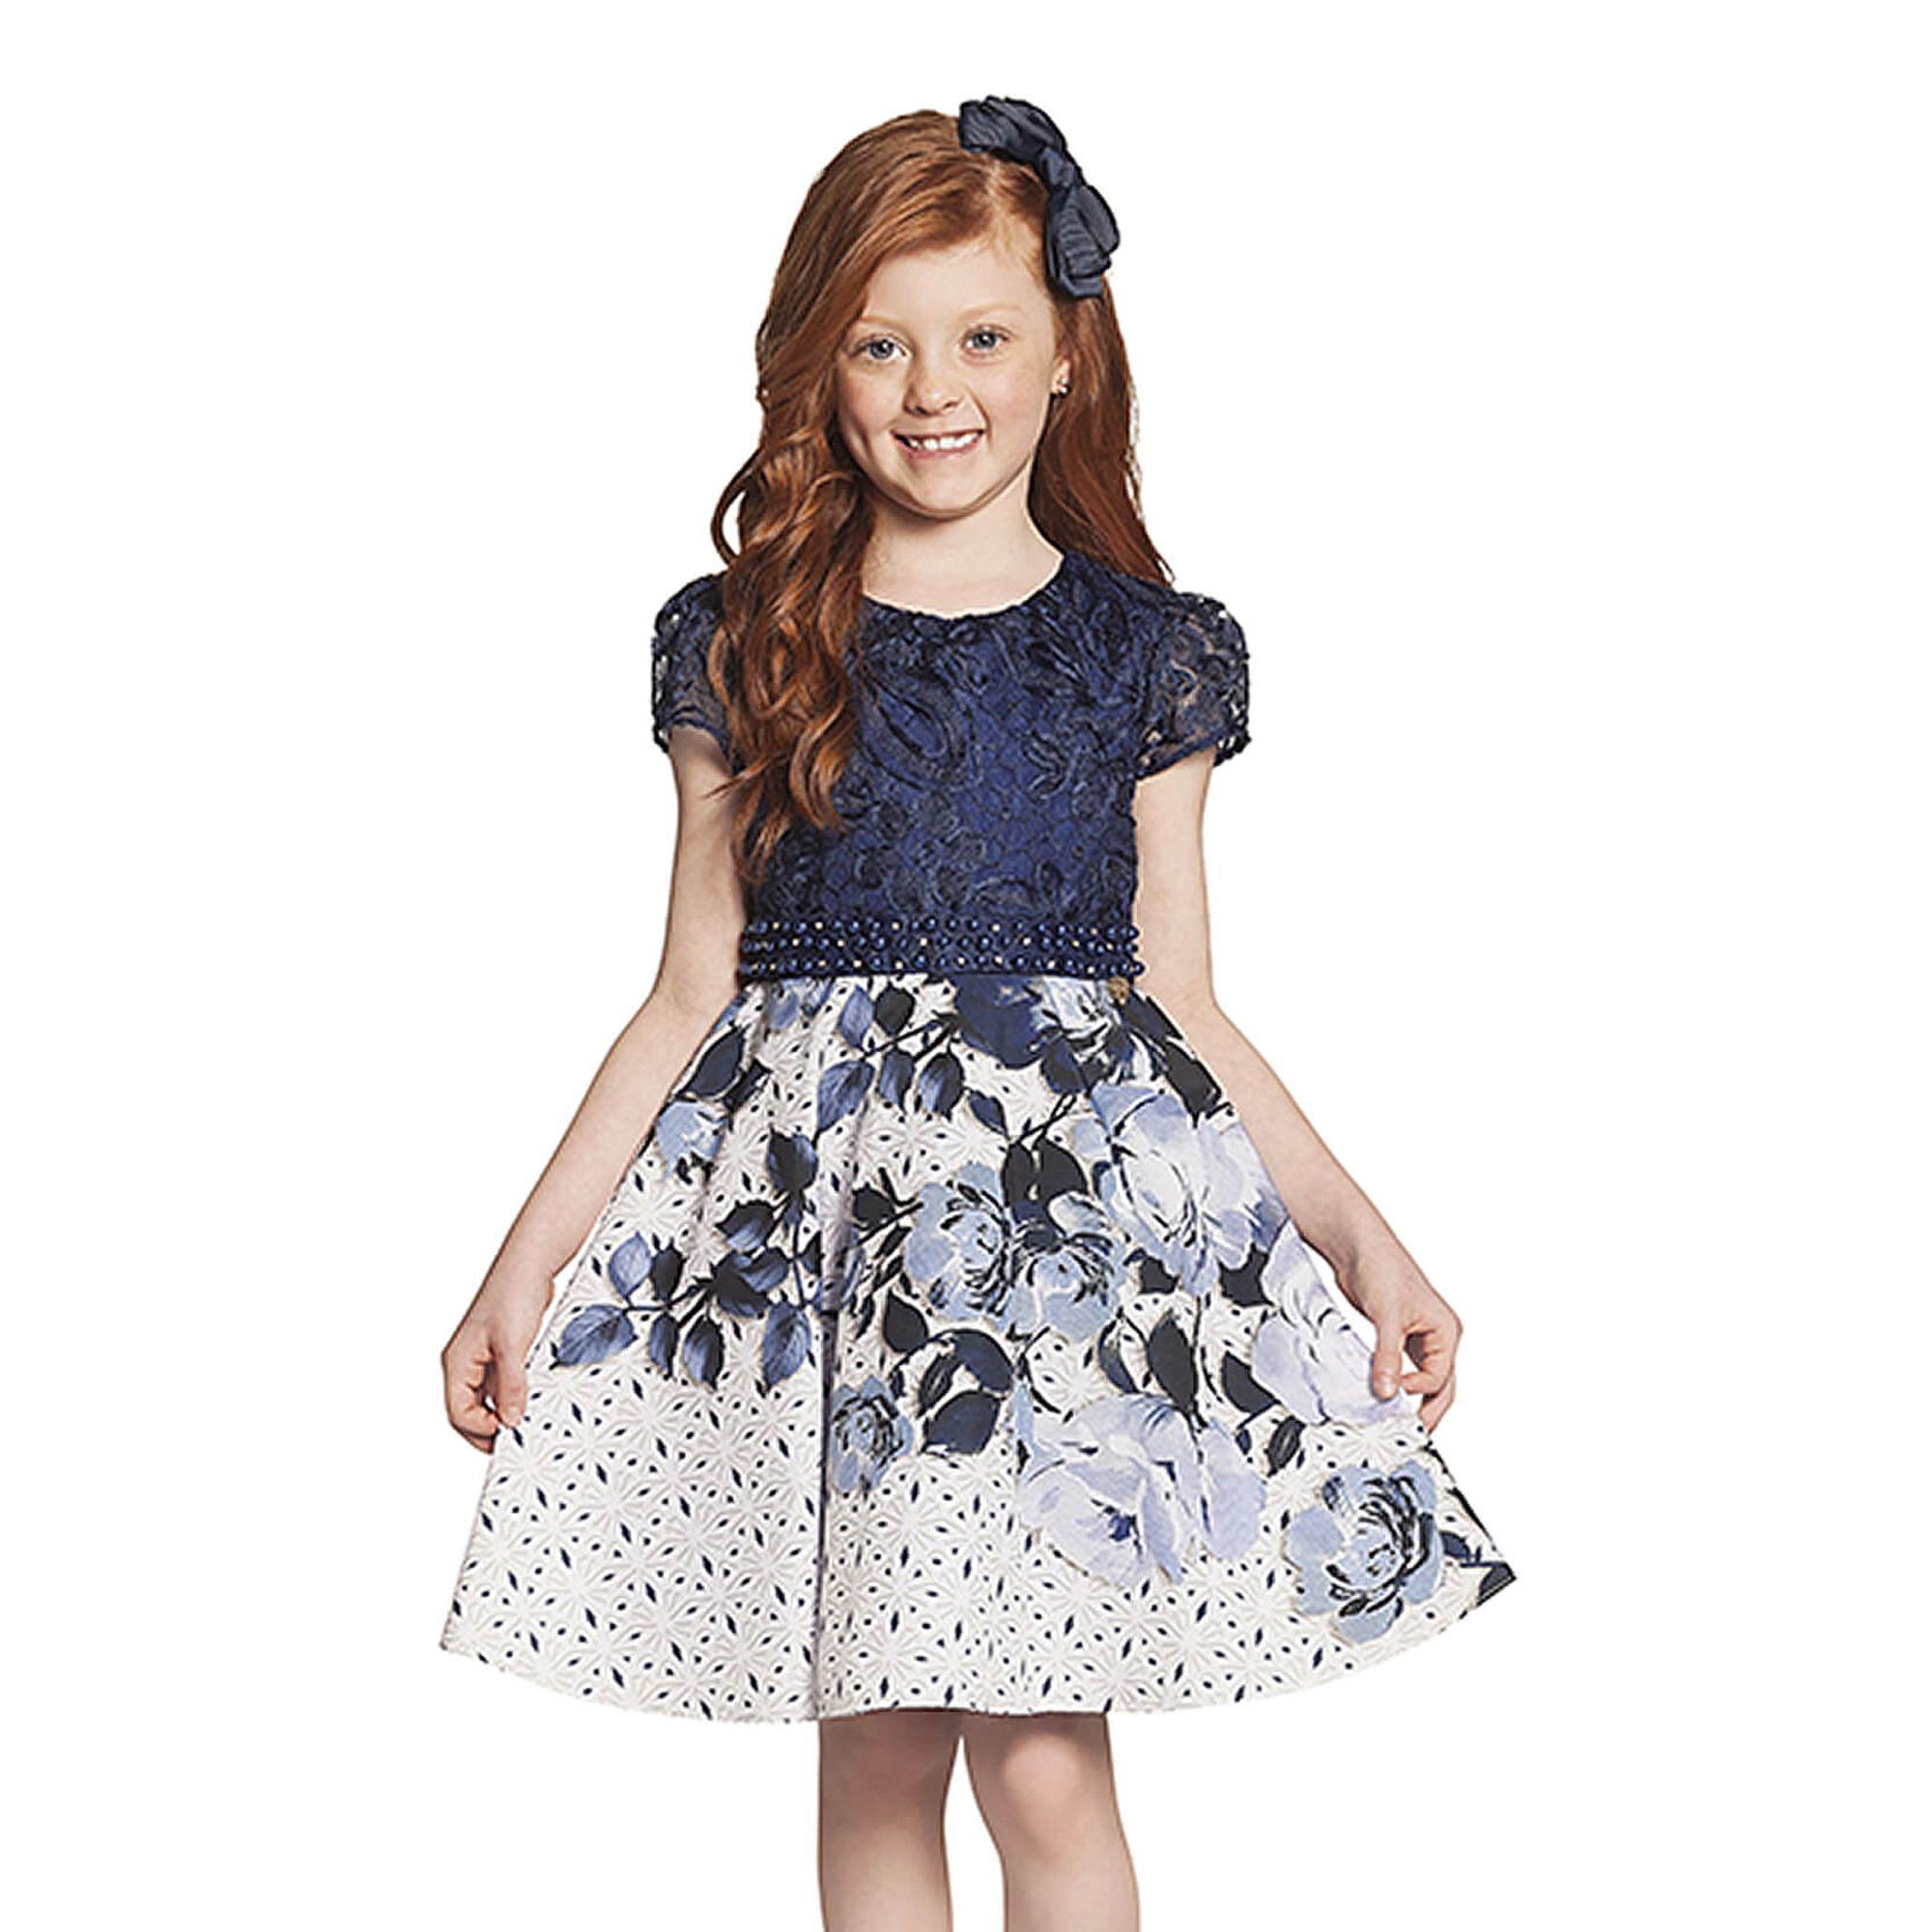 e81b94e905 Vestido Infantil Festa Renda Azul Marinho e Saia Flores - Ninali